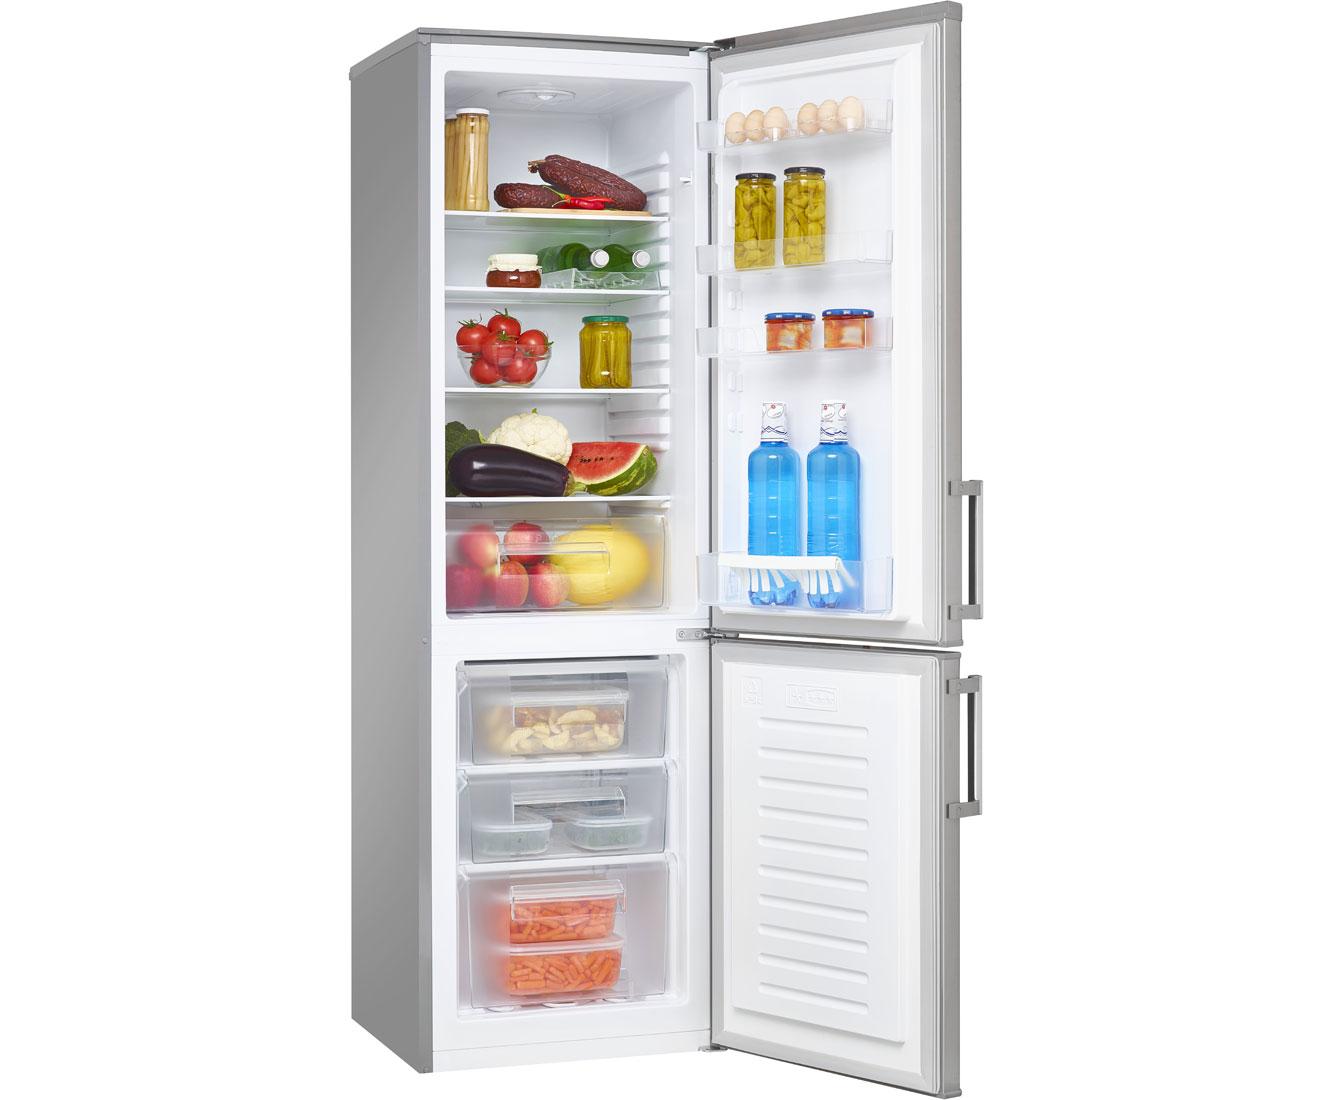 Amica Kühlschrank Firma : Amica kgc e kühl gefrierkombination edelstahl optik a